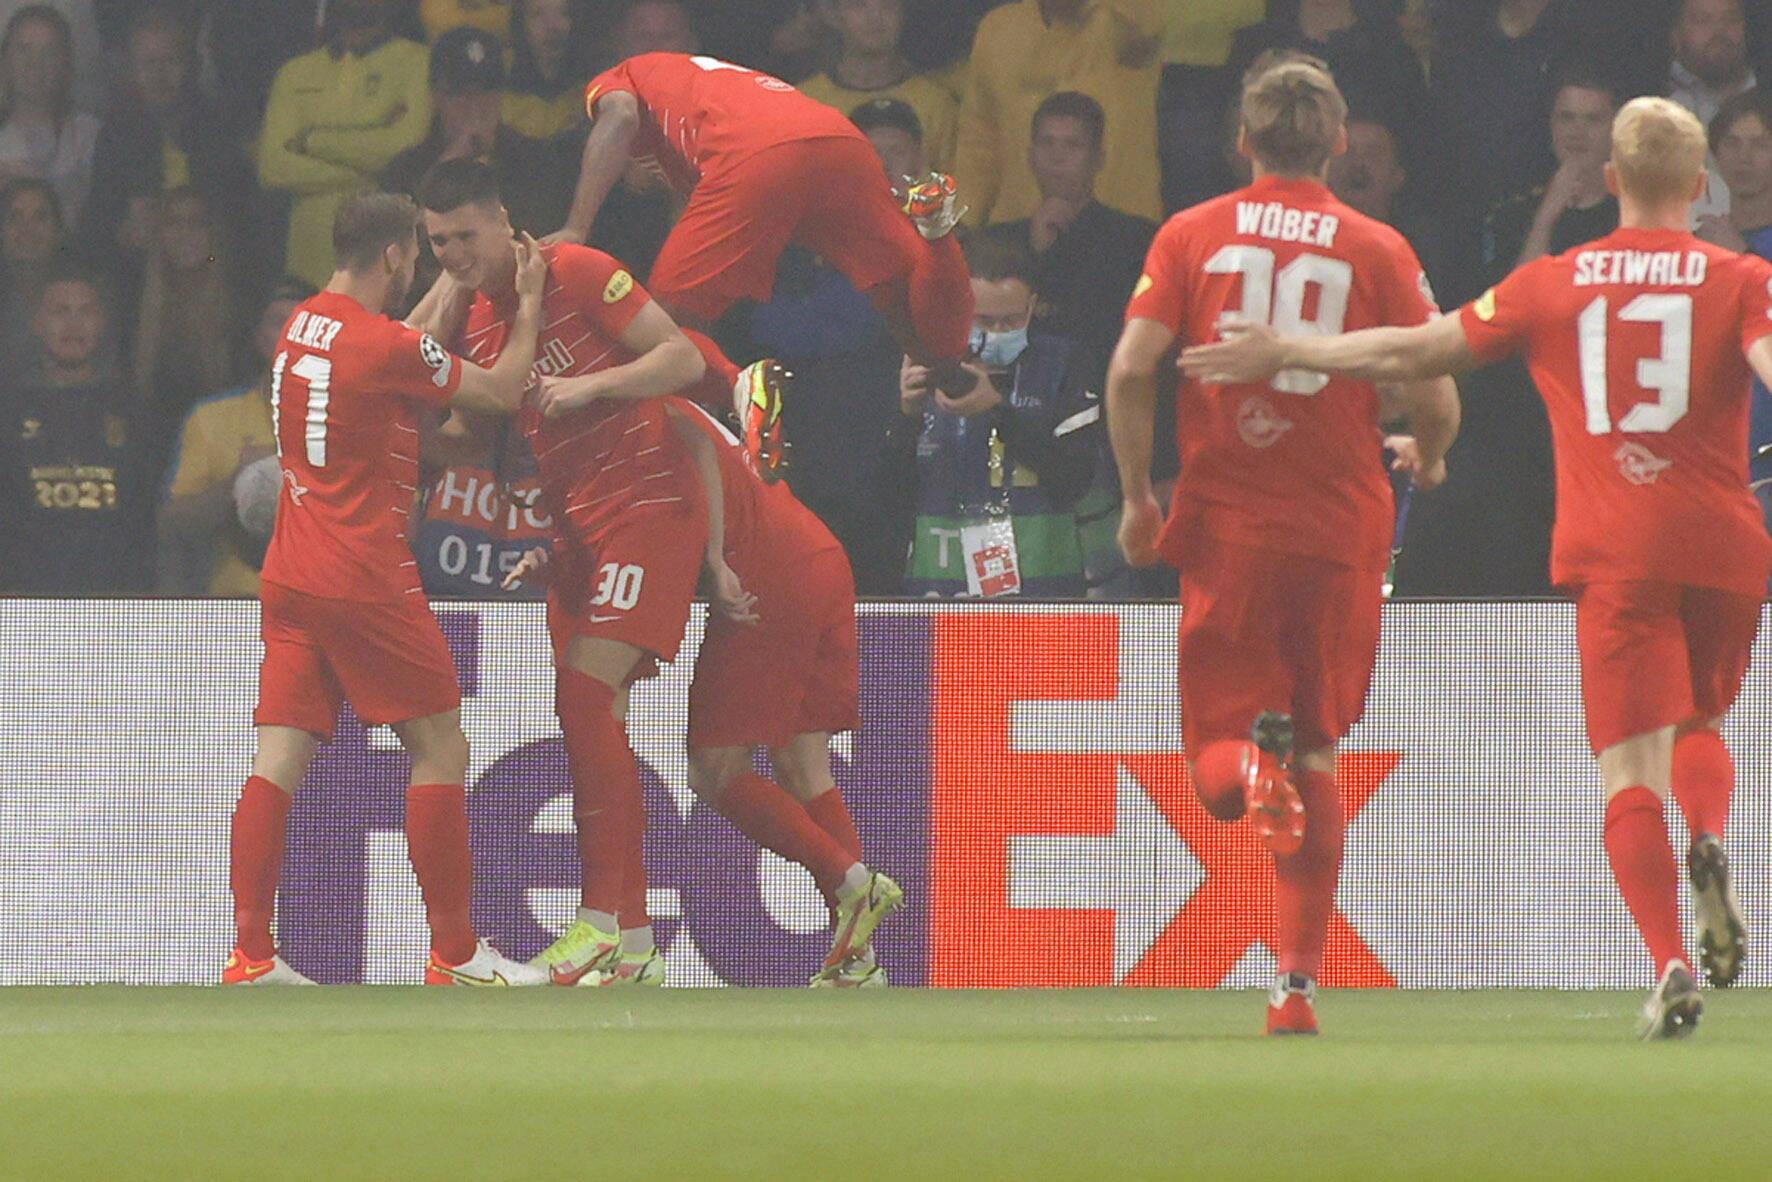 Die Spieler von RB Salzburg bejubeln einen Treffer in der Champions-League-Qualifikation gegen Bröndby IF